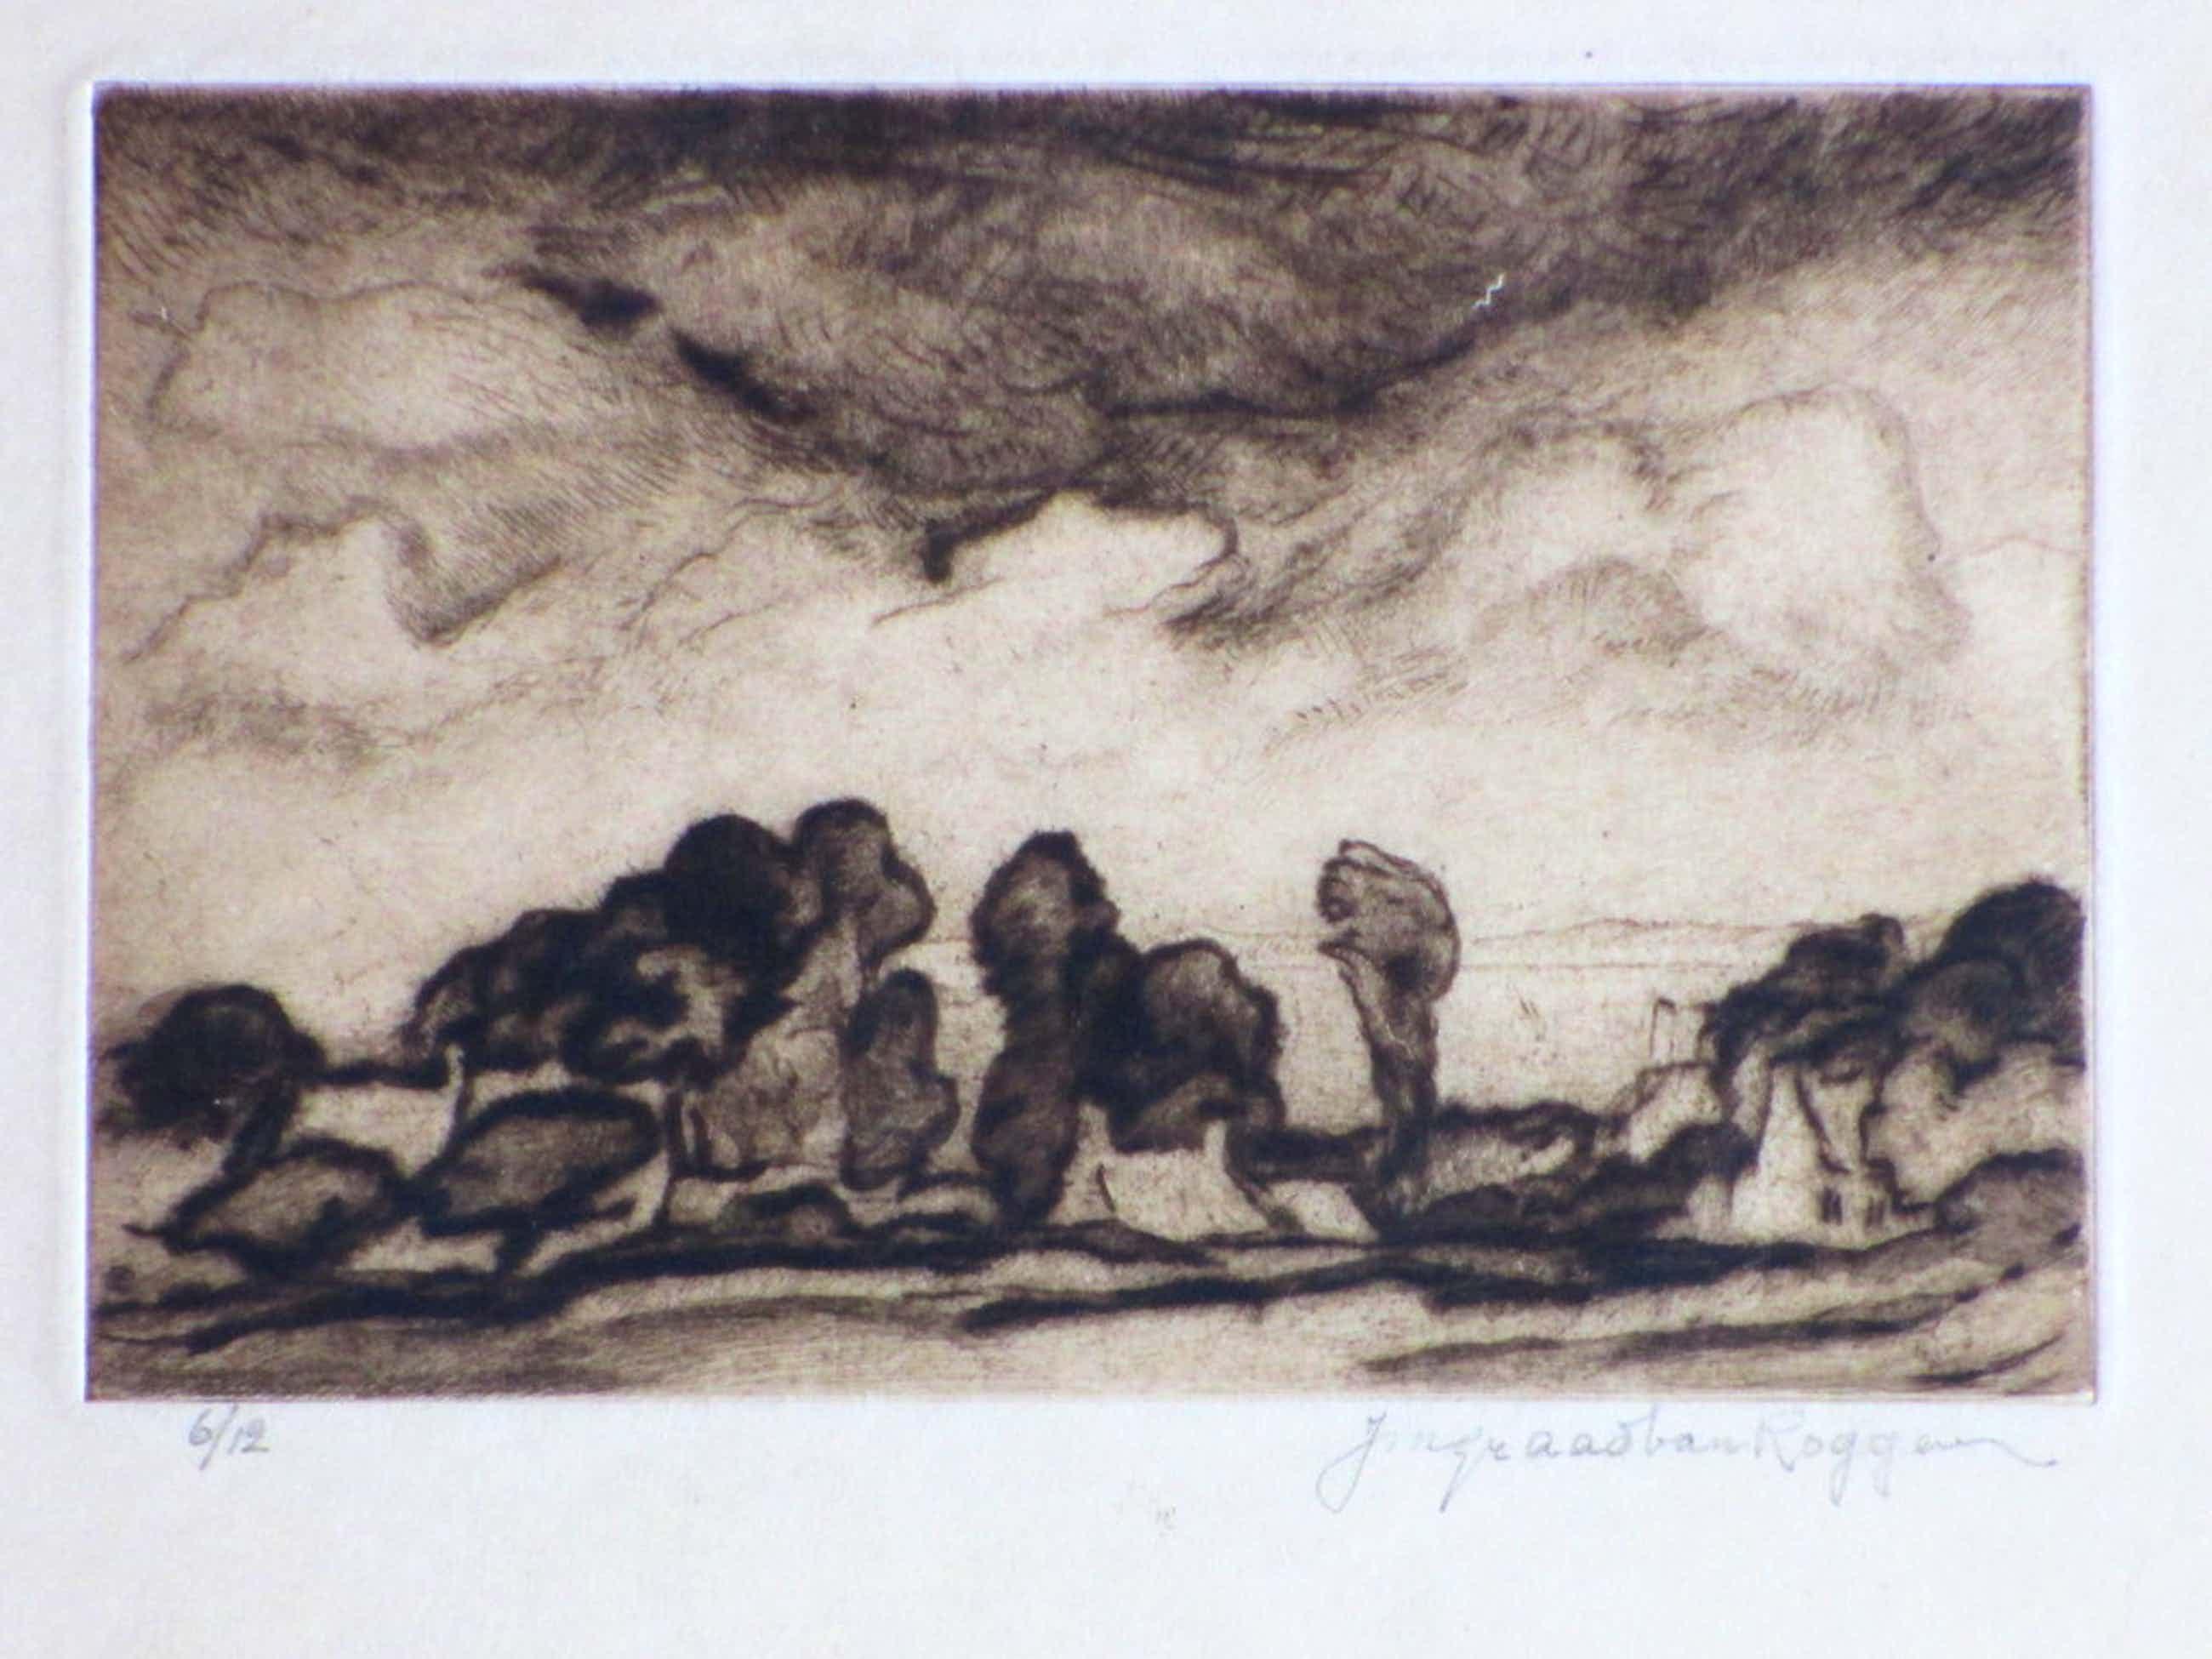 Johannes Graadt van Roggen, Bretons landschap, Droge naald ets kopen? Bied vanaf 50!